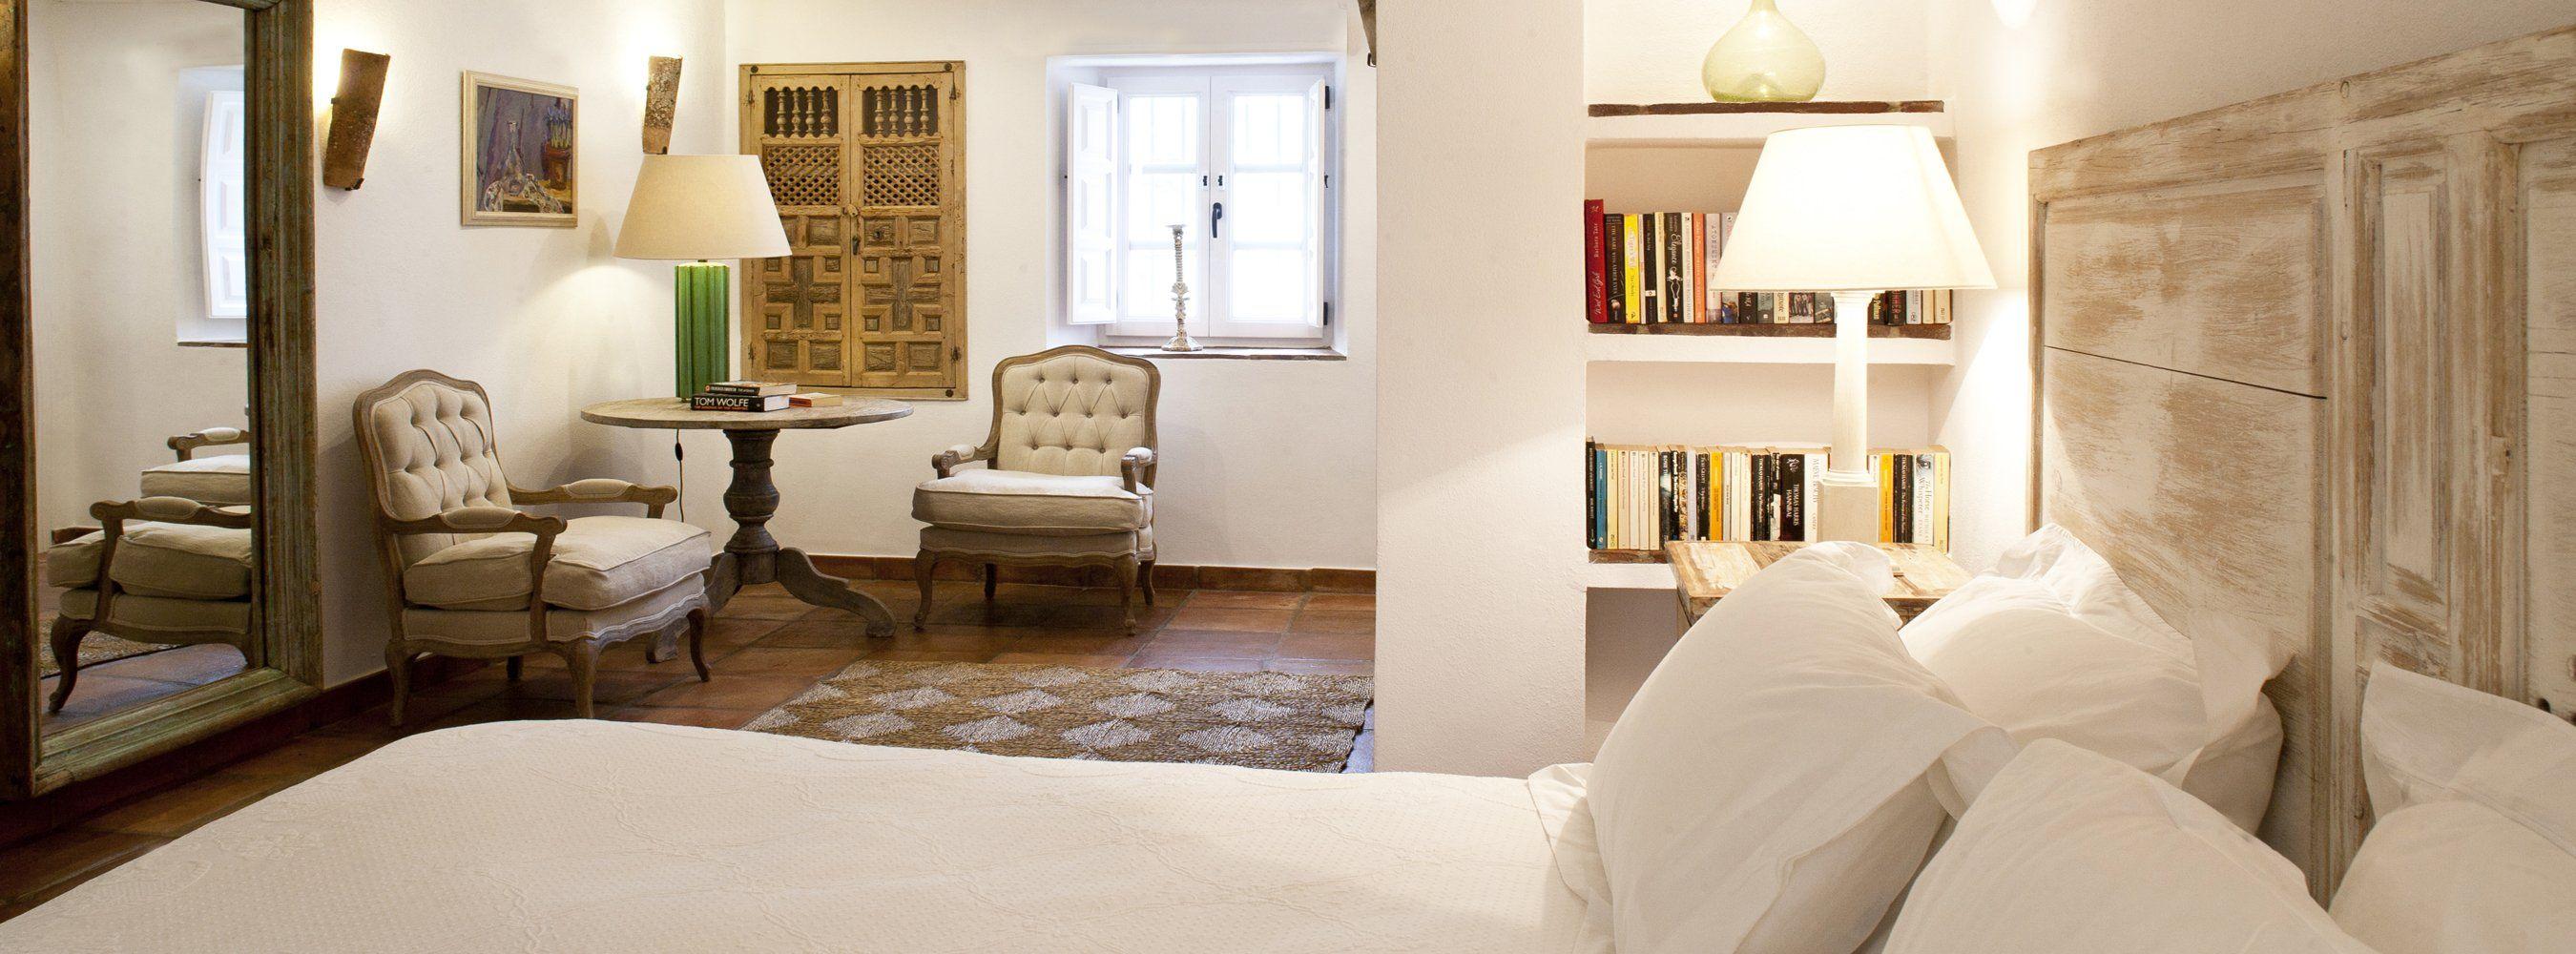 luxurious bedroom in el noque